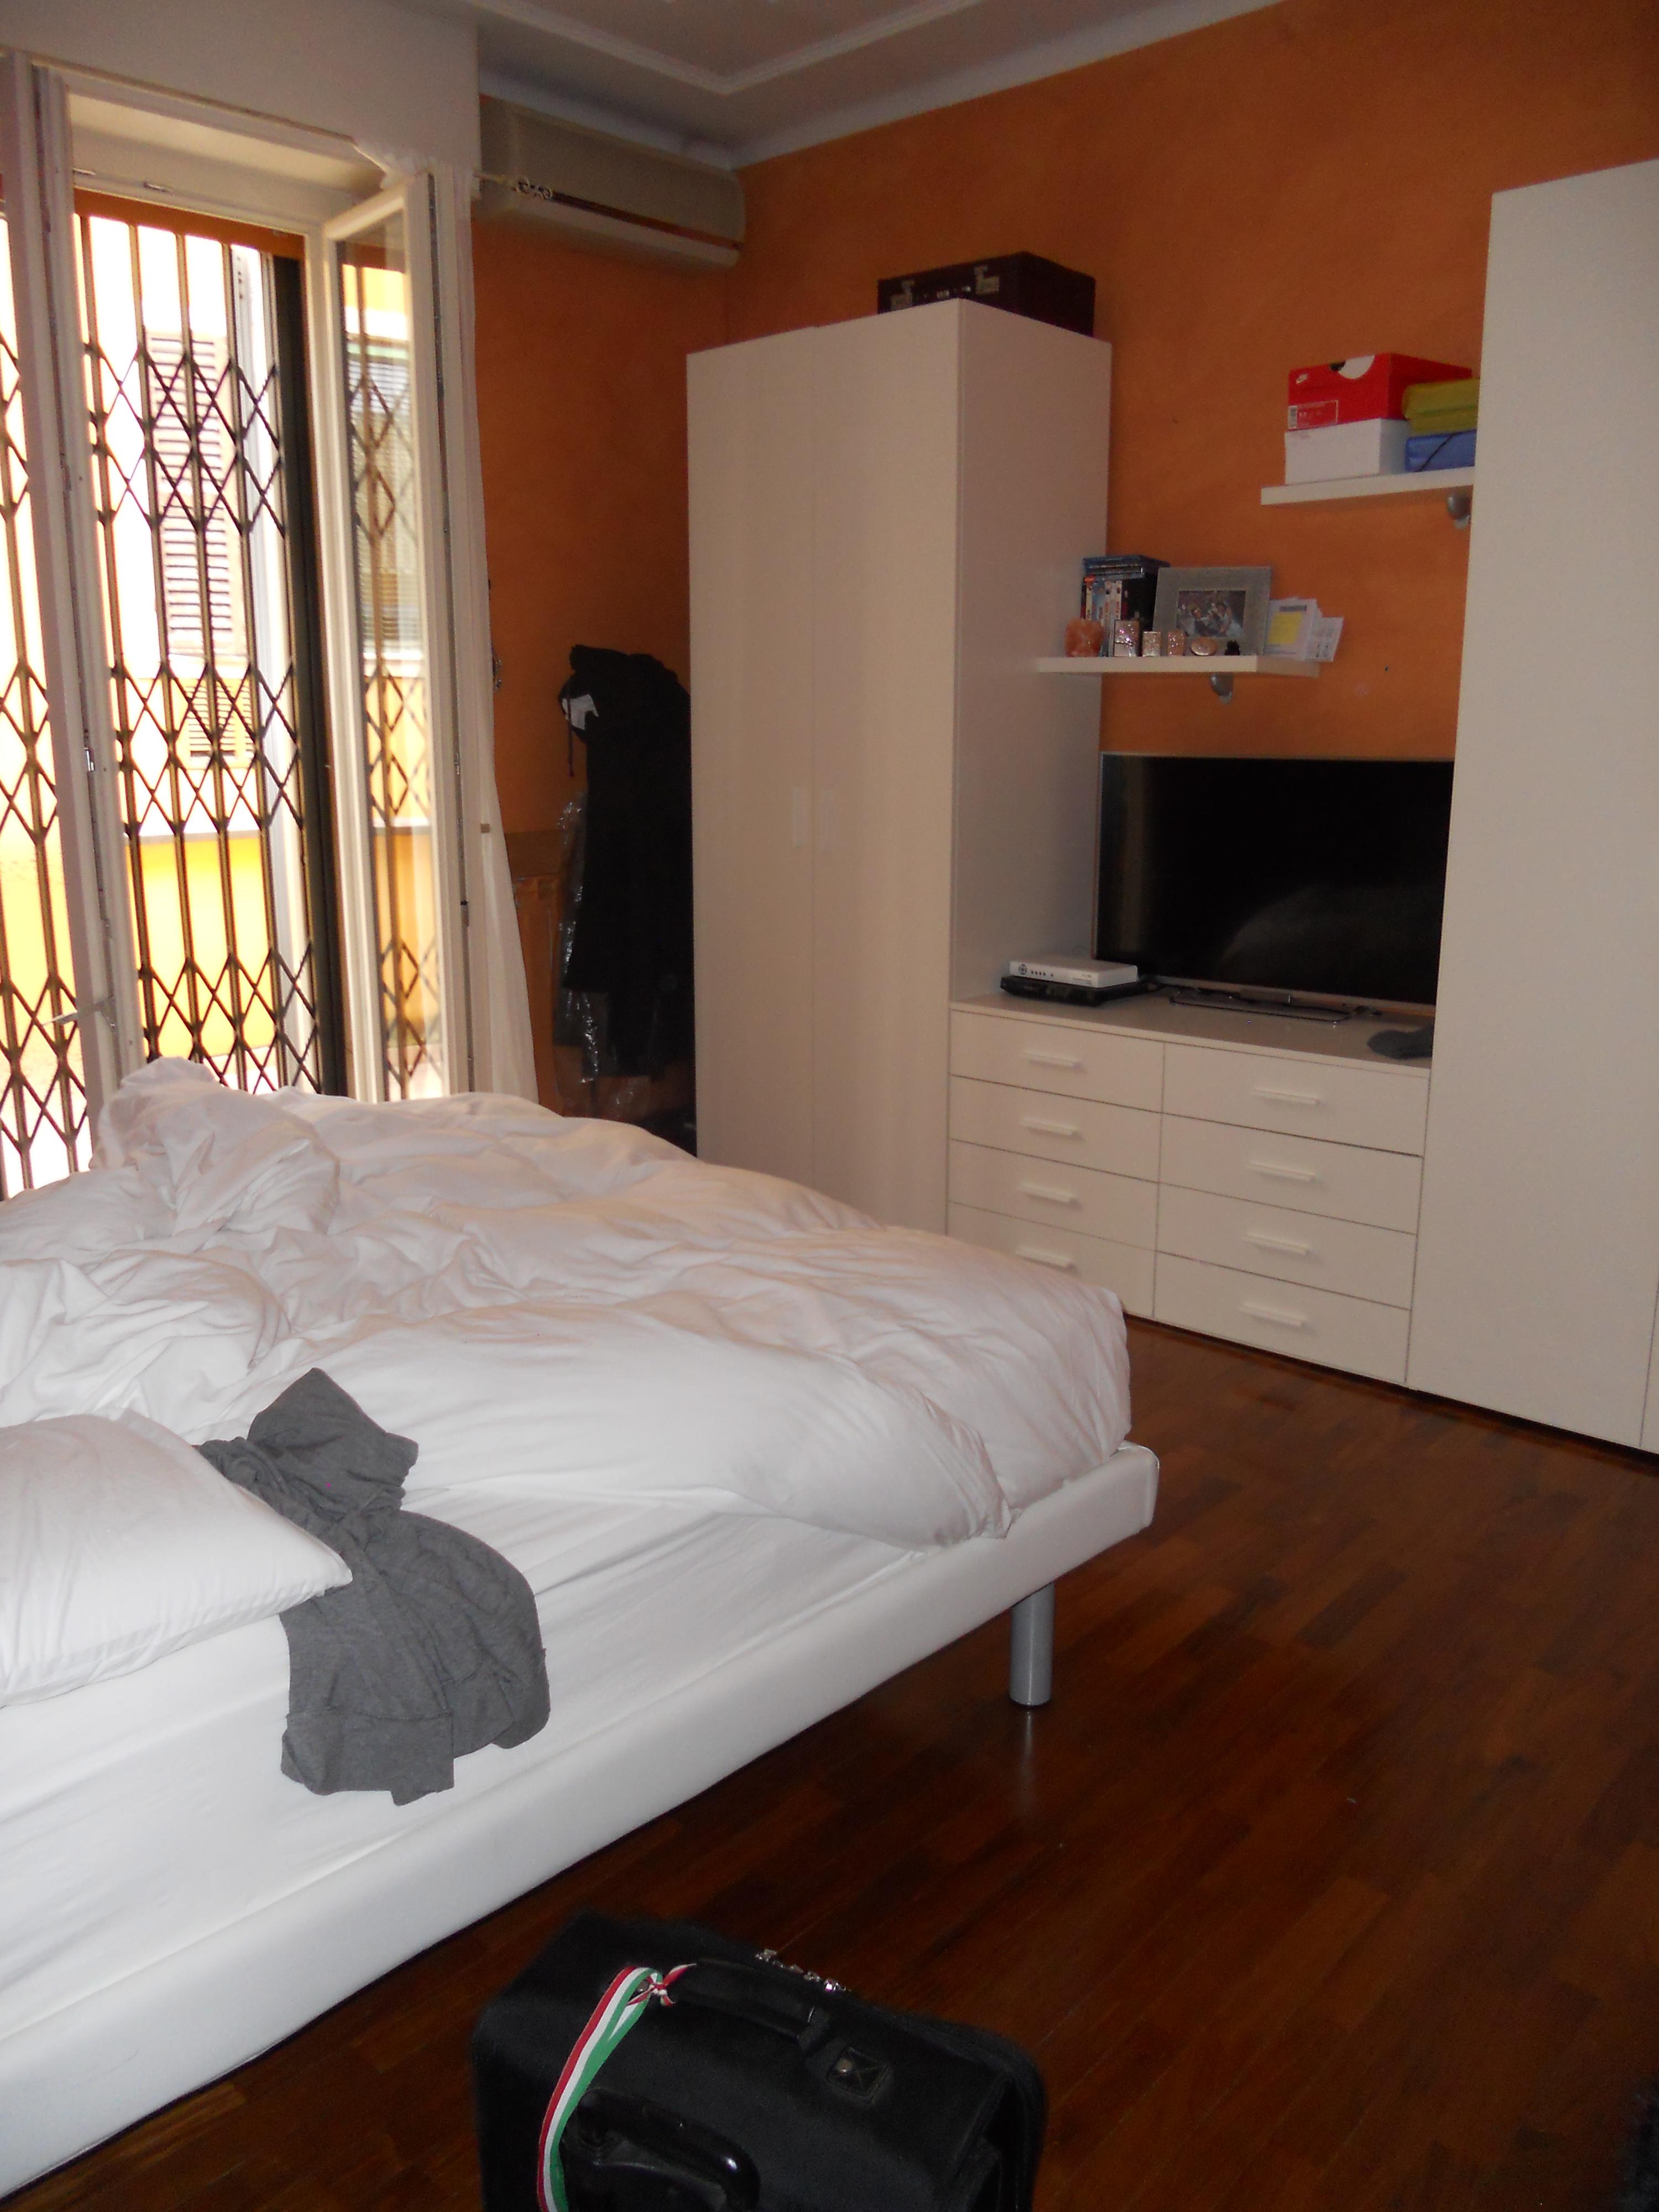 Affitto Ravenna 3 Camere Da Letto : Affitto e vendita appartamenti modena affitti case